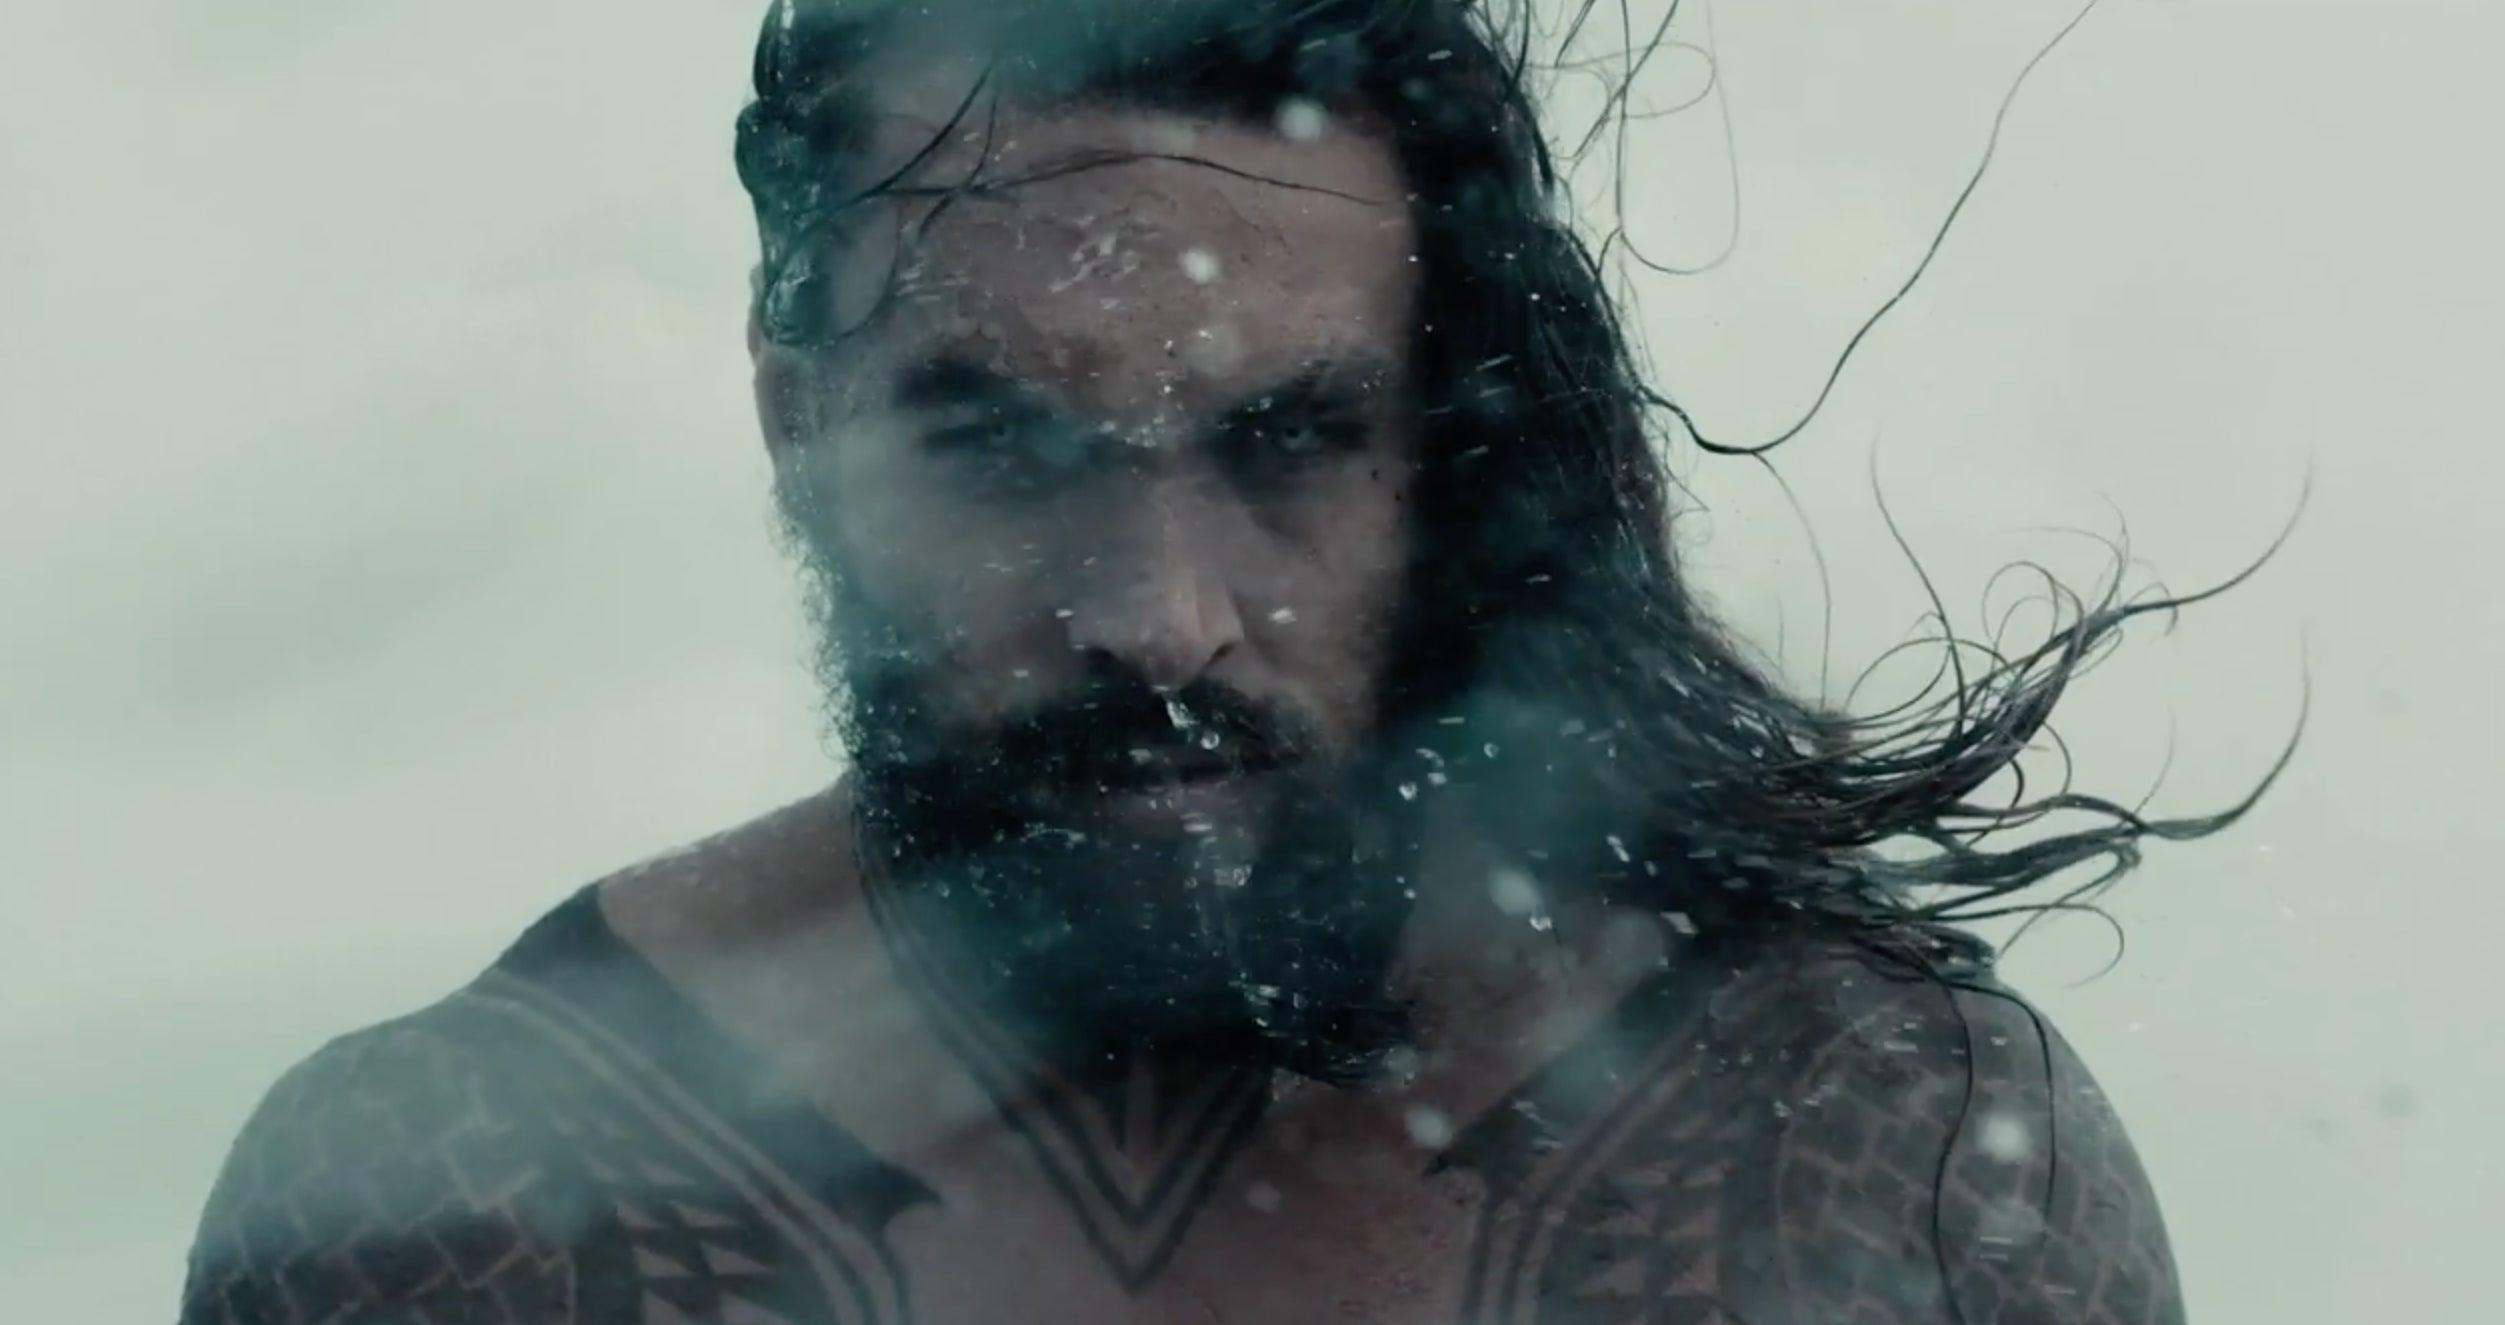 Justice League SDCC Trailer - Aquaman Jason Mamoa